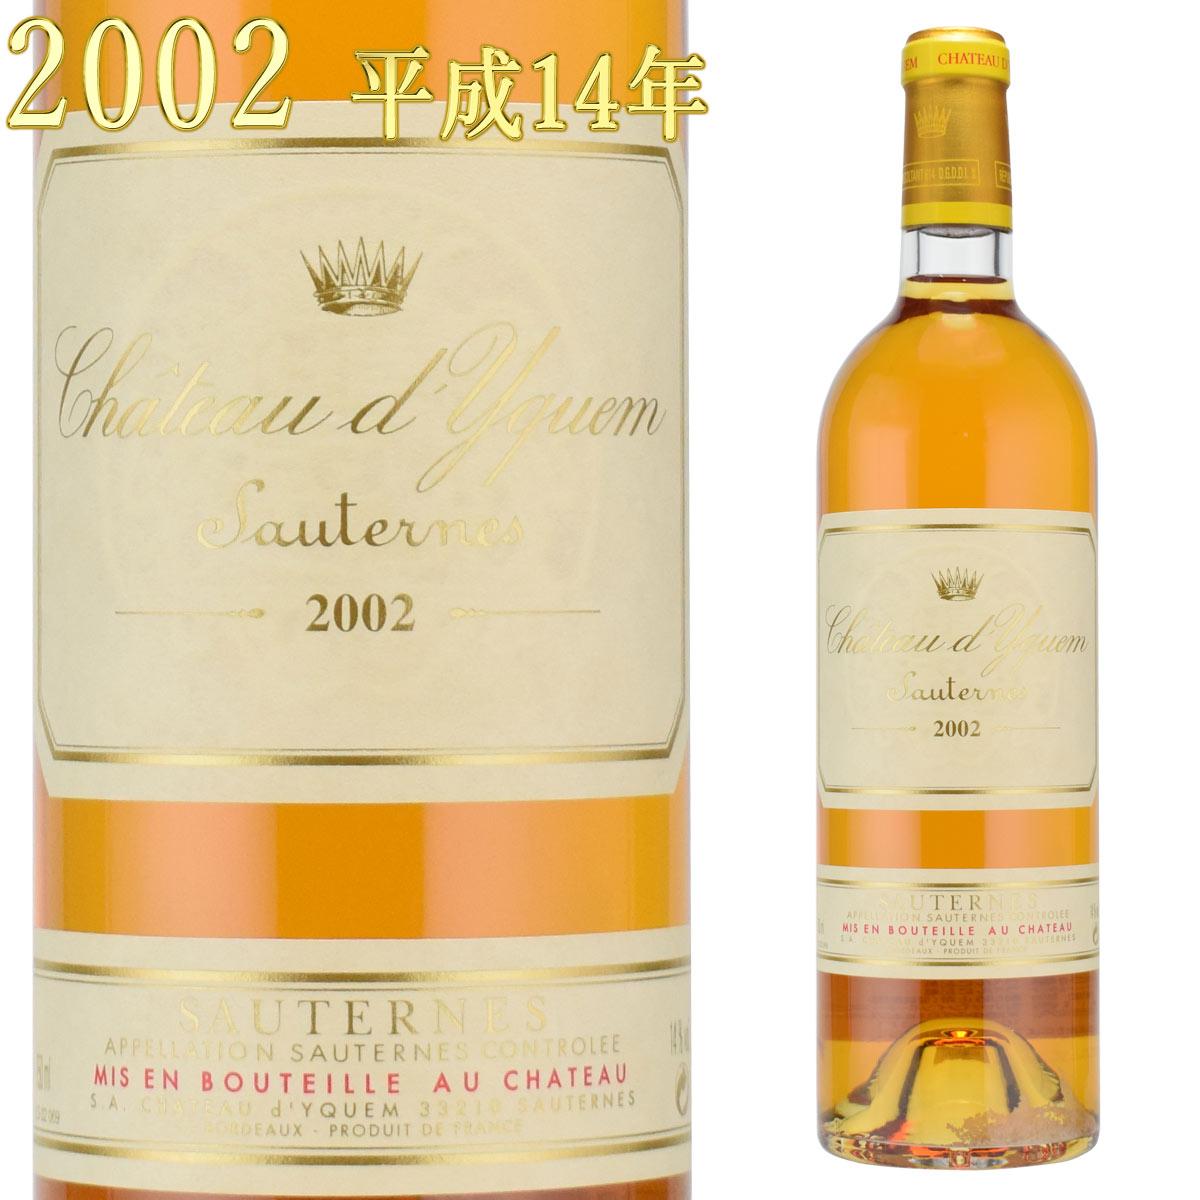 シャトー ディケム 2002 750ml 貴腐ワイン ソーテルヌ 格付1級 【Sauternes】